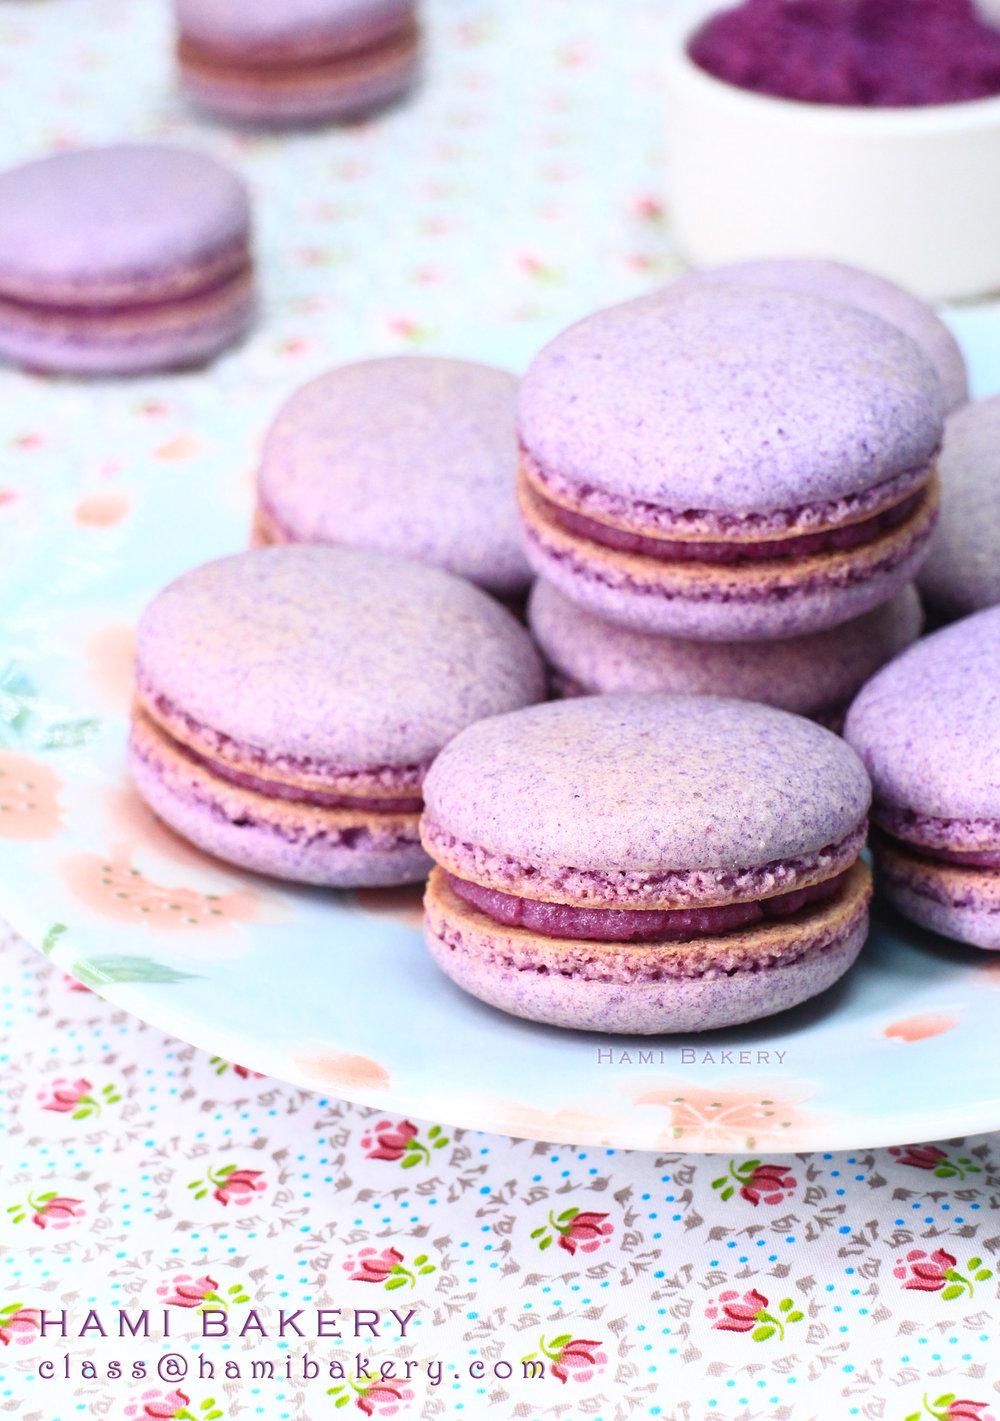 《紫薯黑糖Macaron》   2小時30分鐘一堂, 每人$390/堂,可做 12-15個Macaron  15/6 Fri 7:00pm  2/7 Mon 2:00pm  21/7 Sat 2:30pm  學習及實習咖紫薯黑糖味Macaron外殻  學習做紫薯黑糖饀料  *可冷藏保存1週食用*